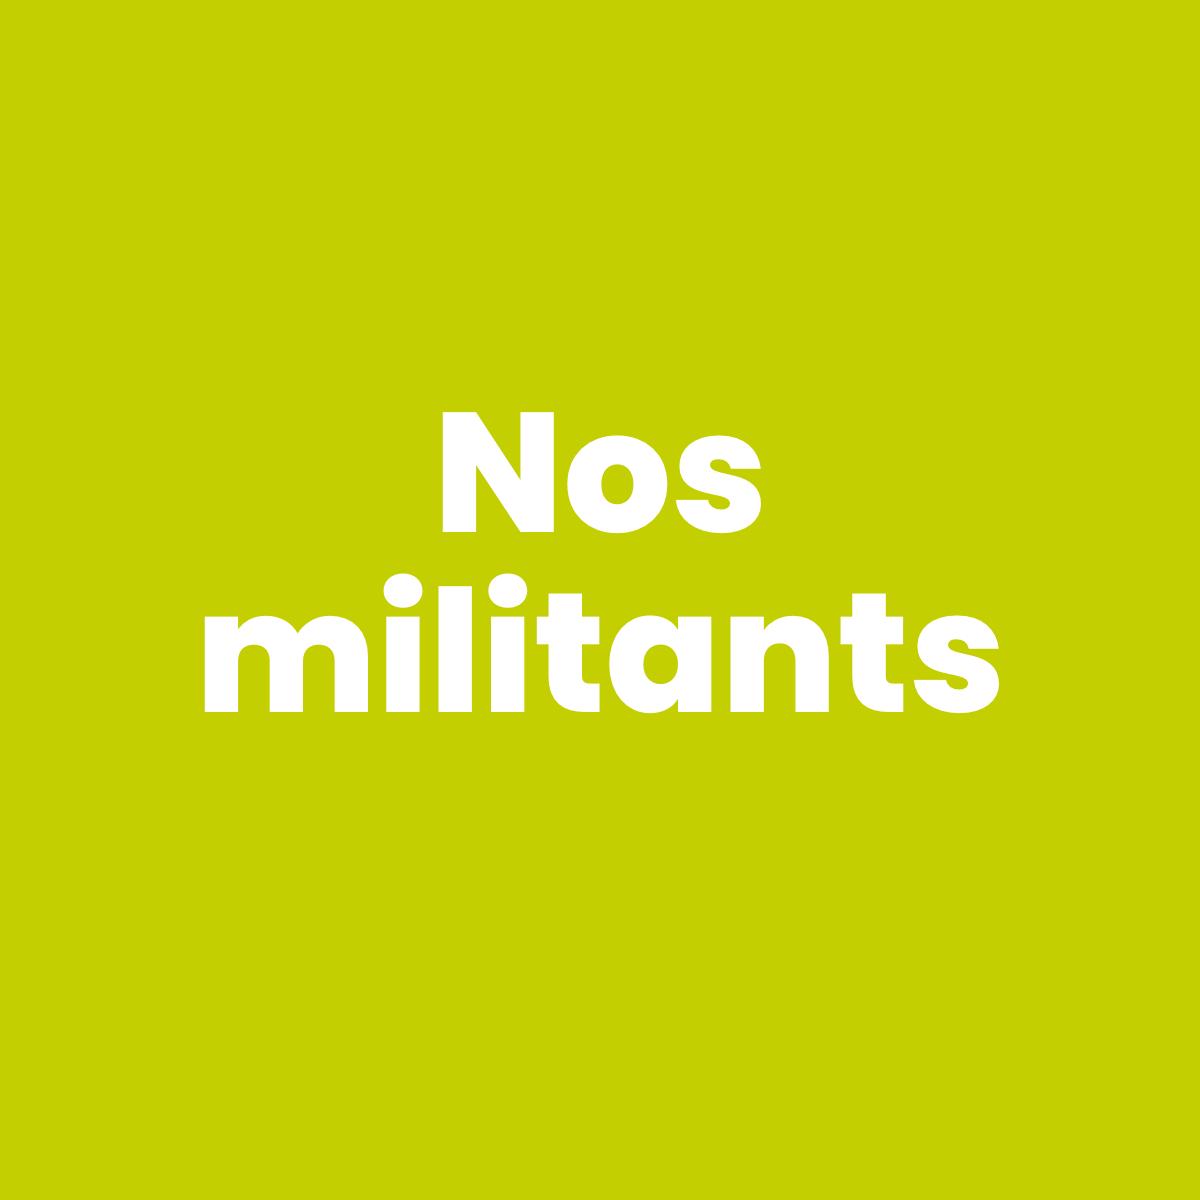 Nos militants